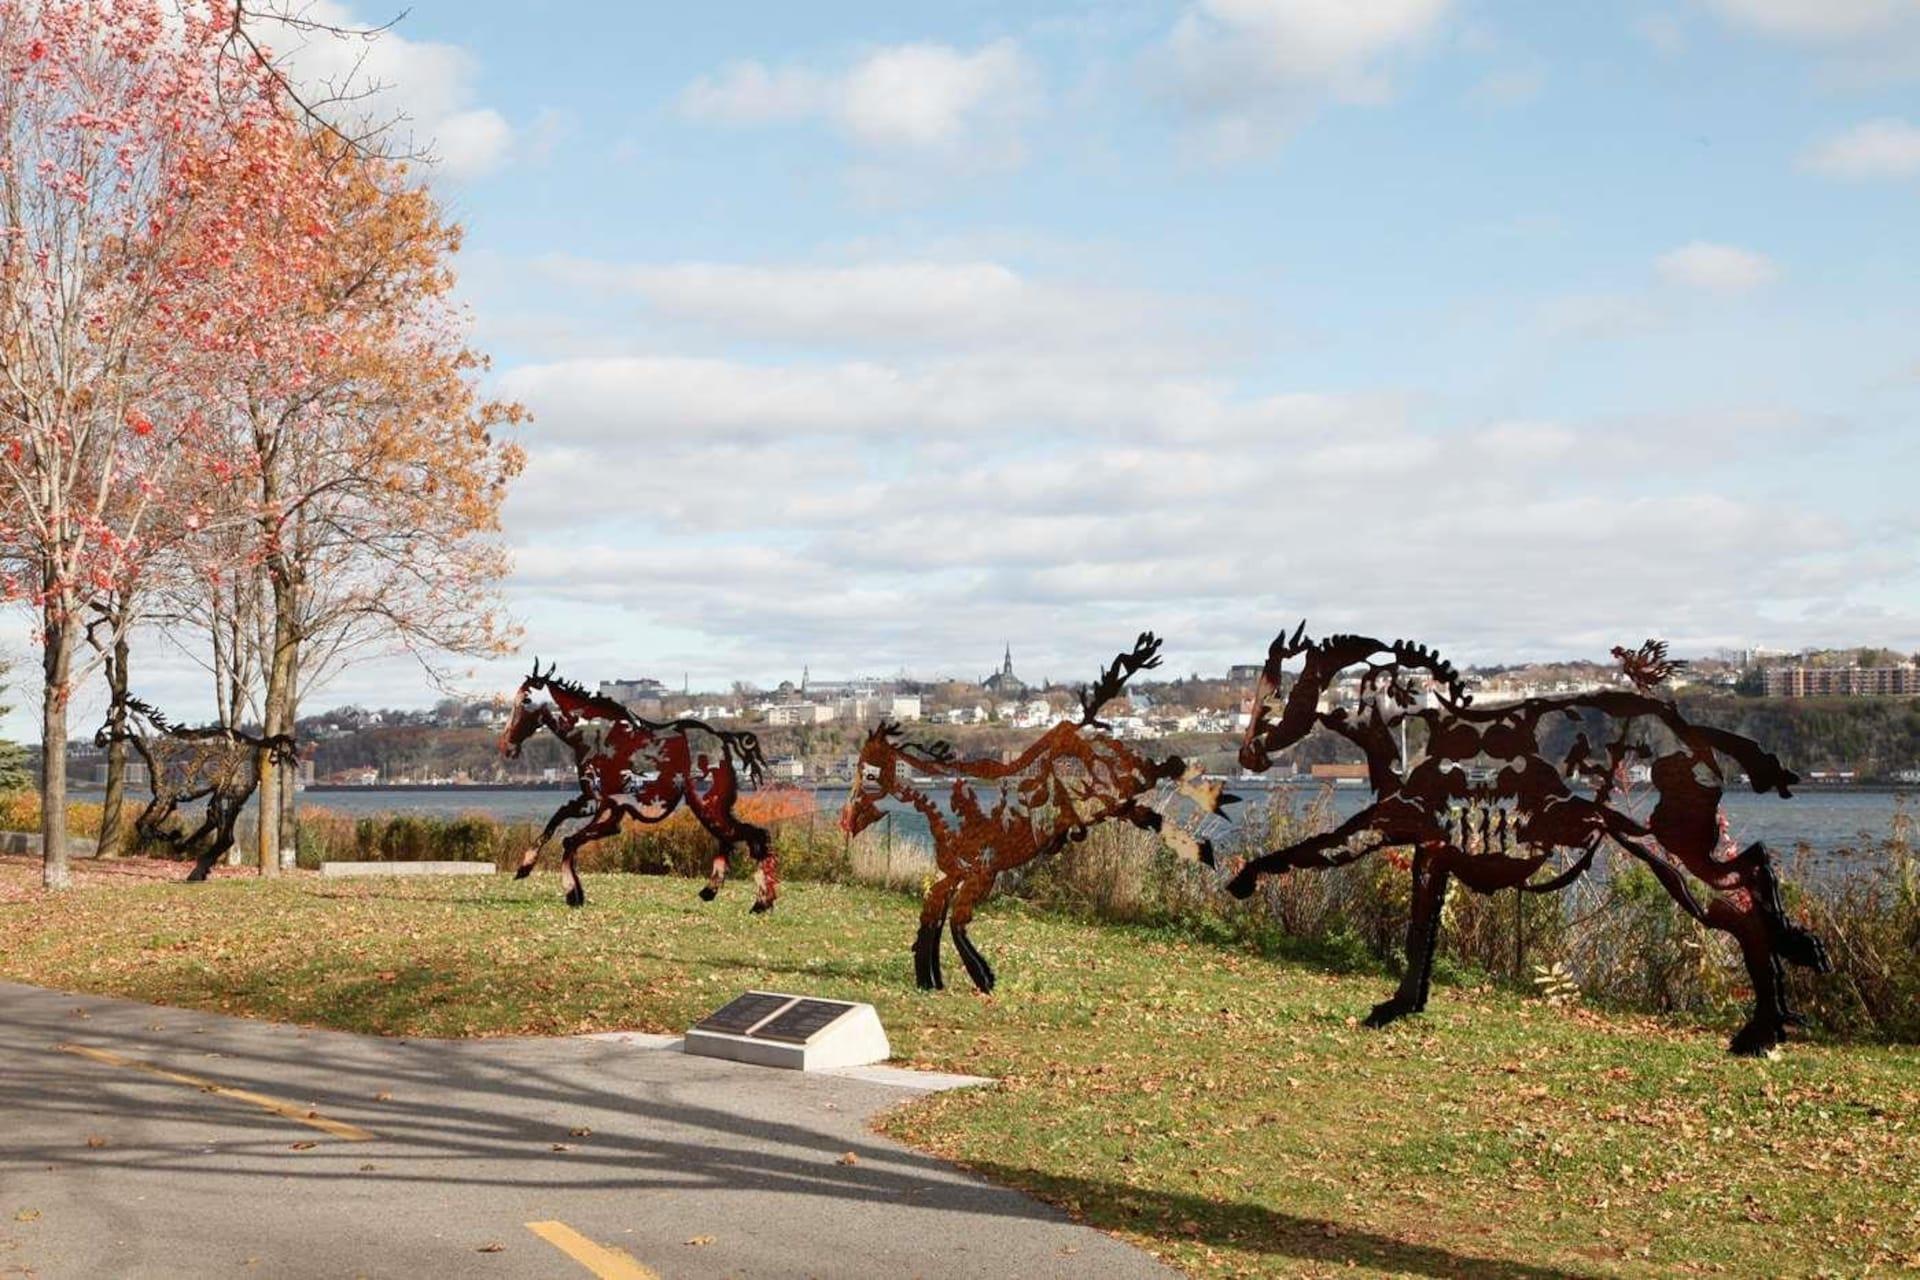 Une sculpture représentant des chevaux en mouvement dans un parc.